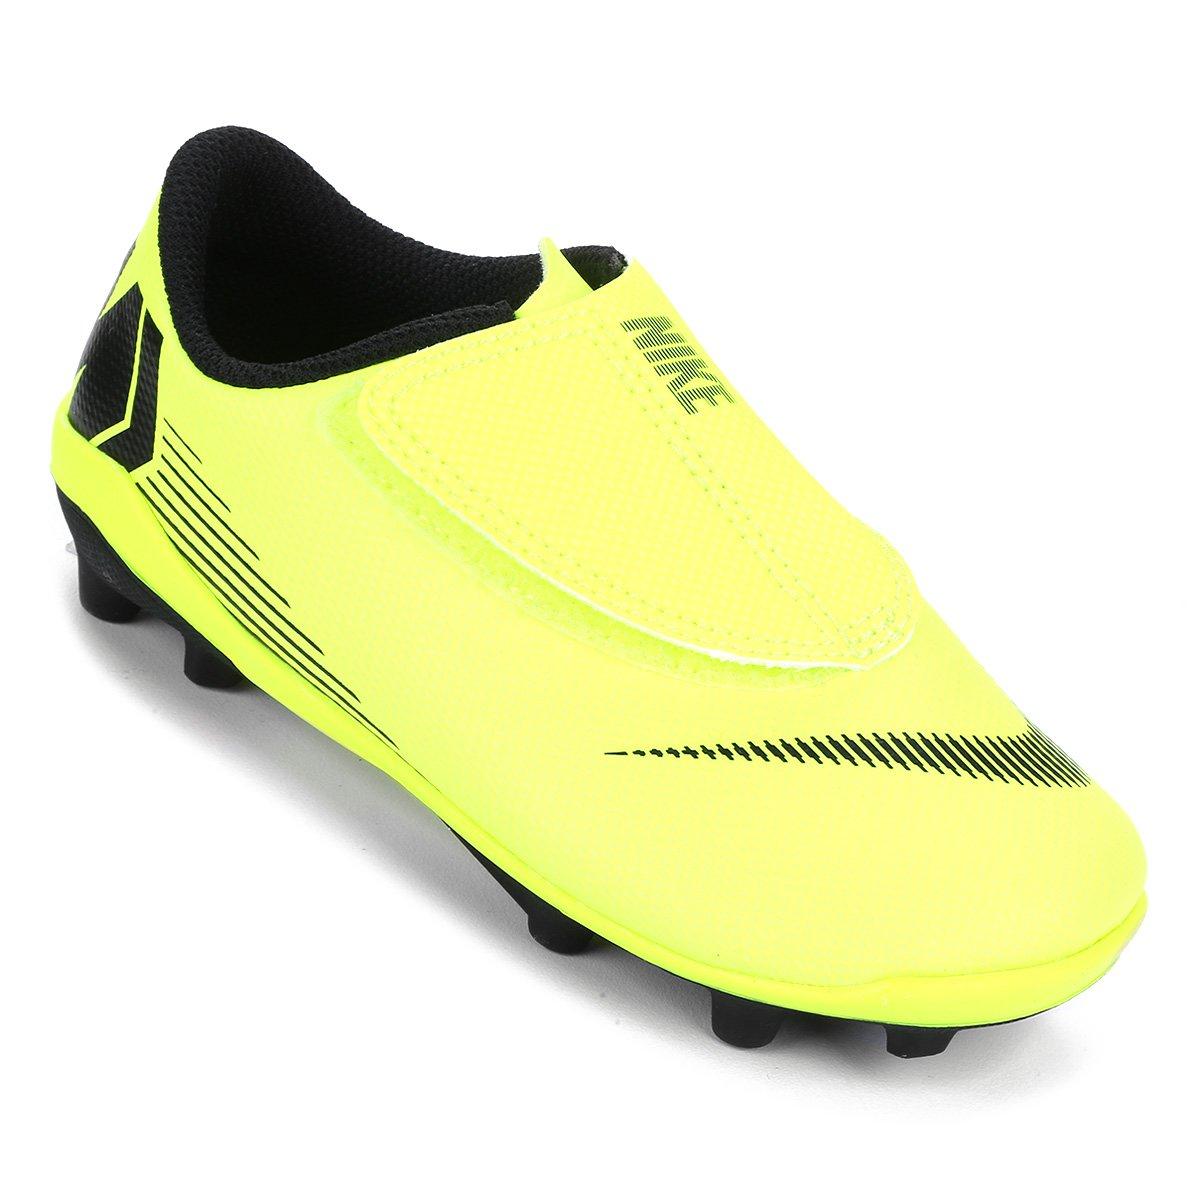 bed037fc00cbb Chuteira Campo Infantil Nike Vapor 12 Club PS FG - Amarelo e Preto - Compre  Agora